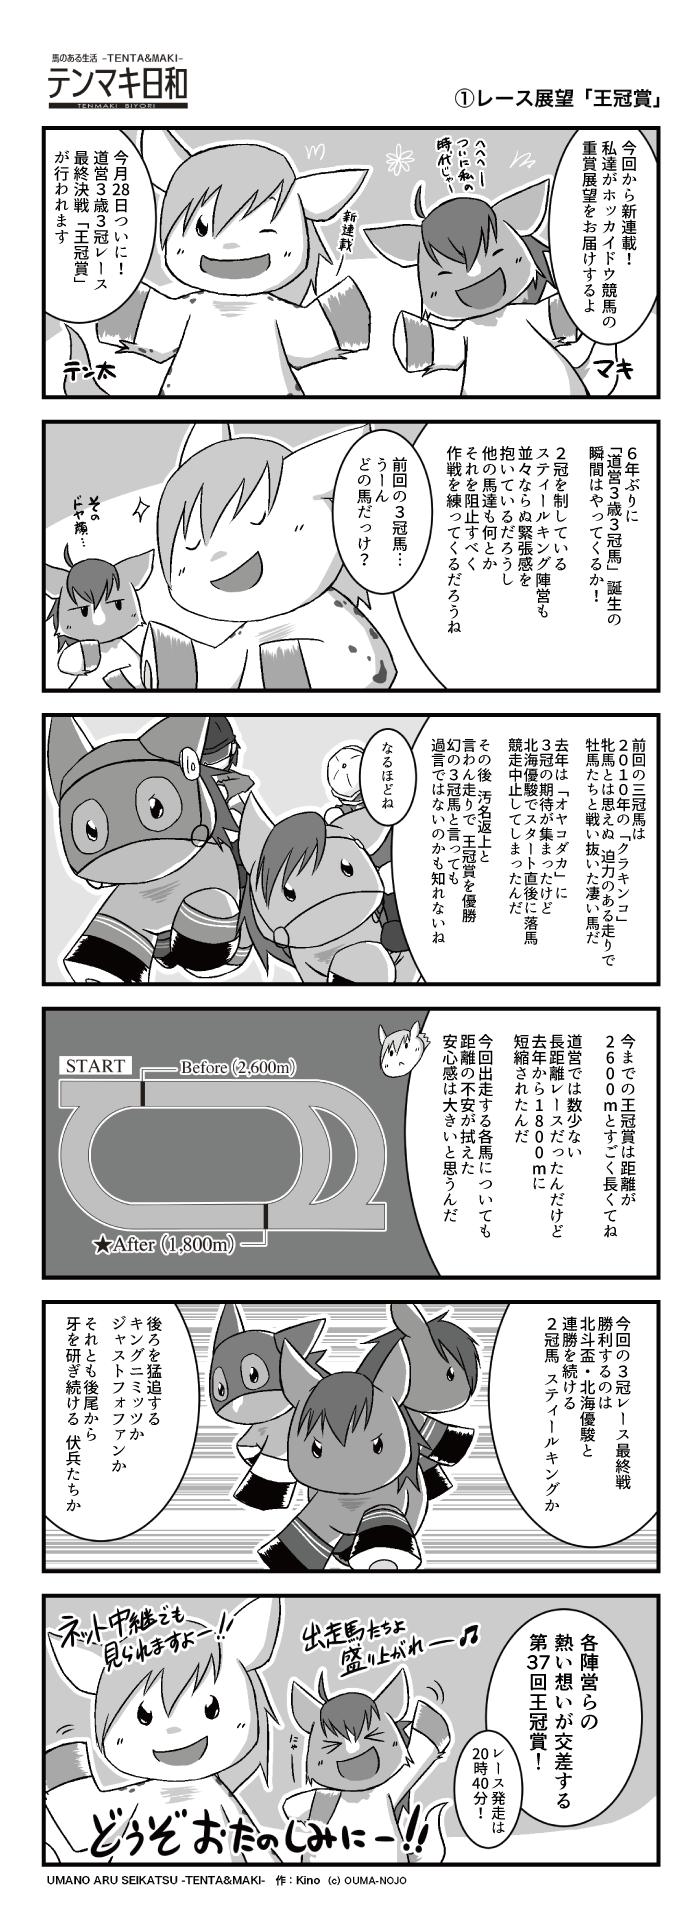 六コマ漫画第1話.png